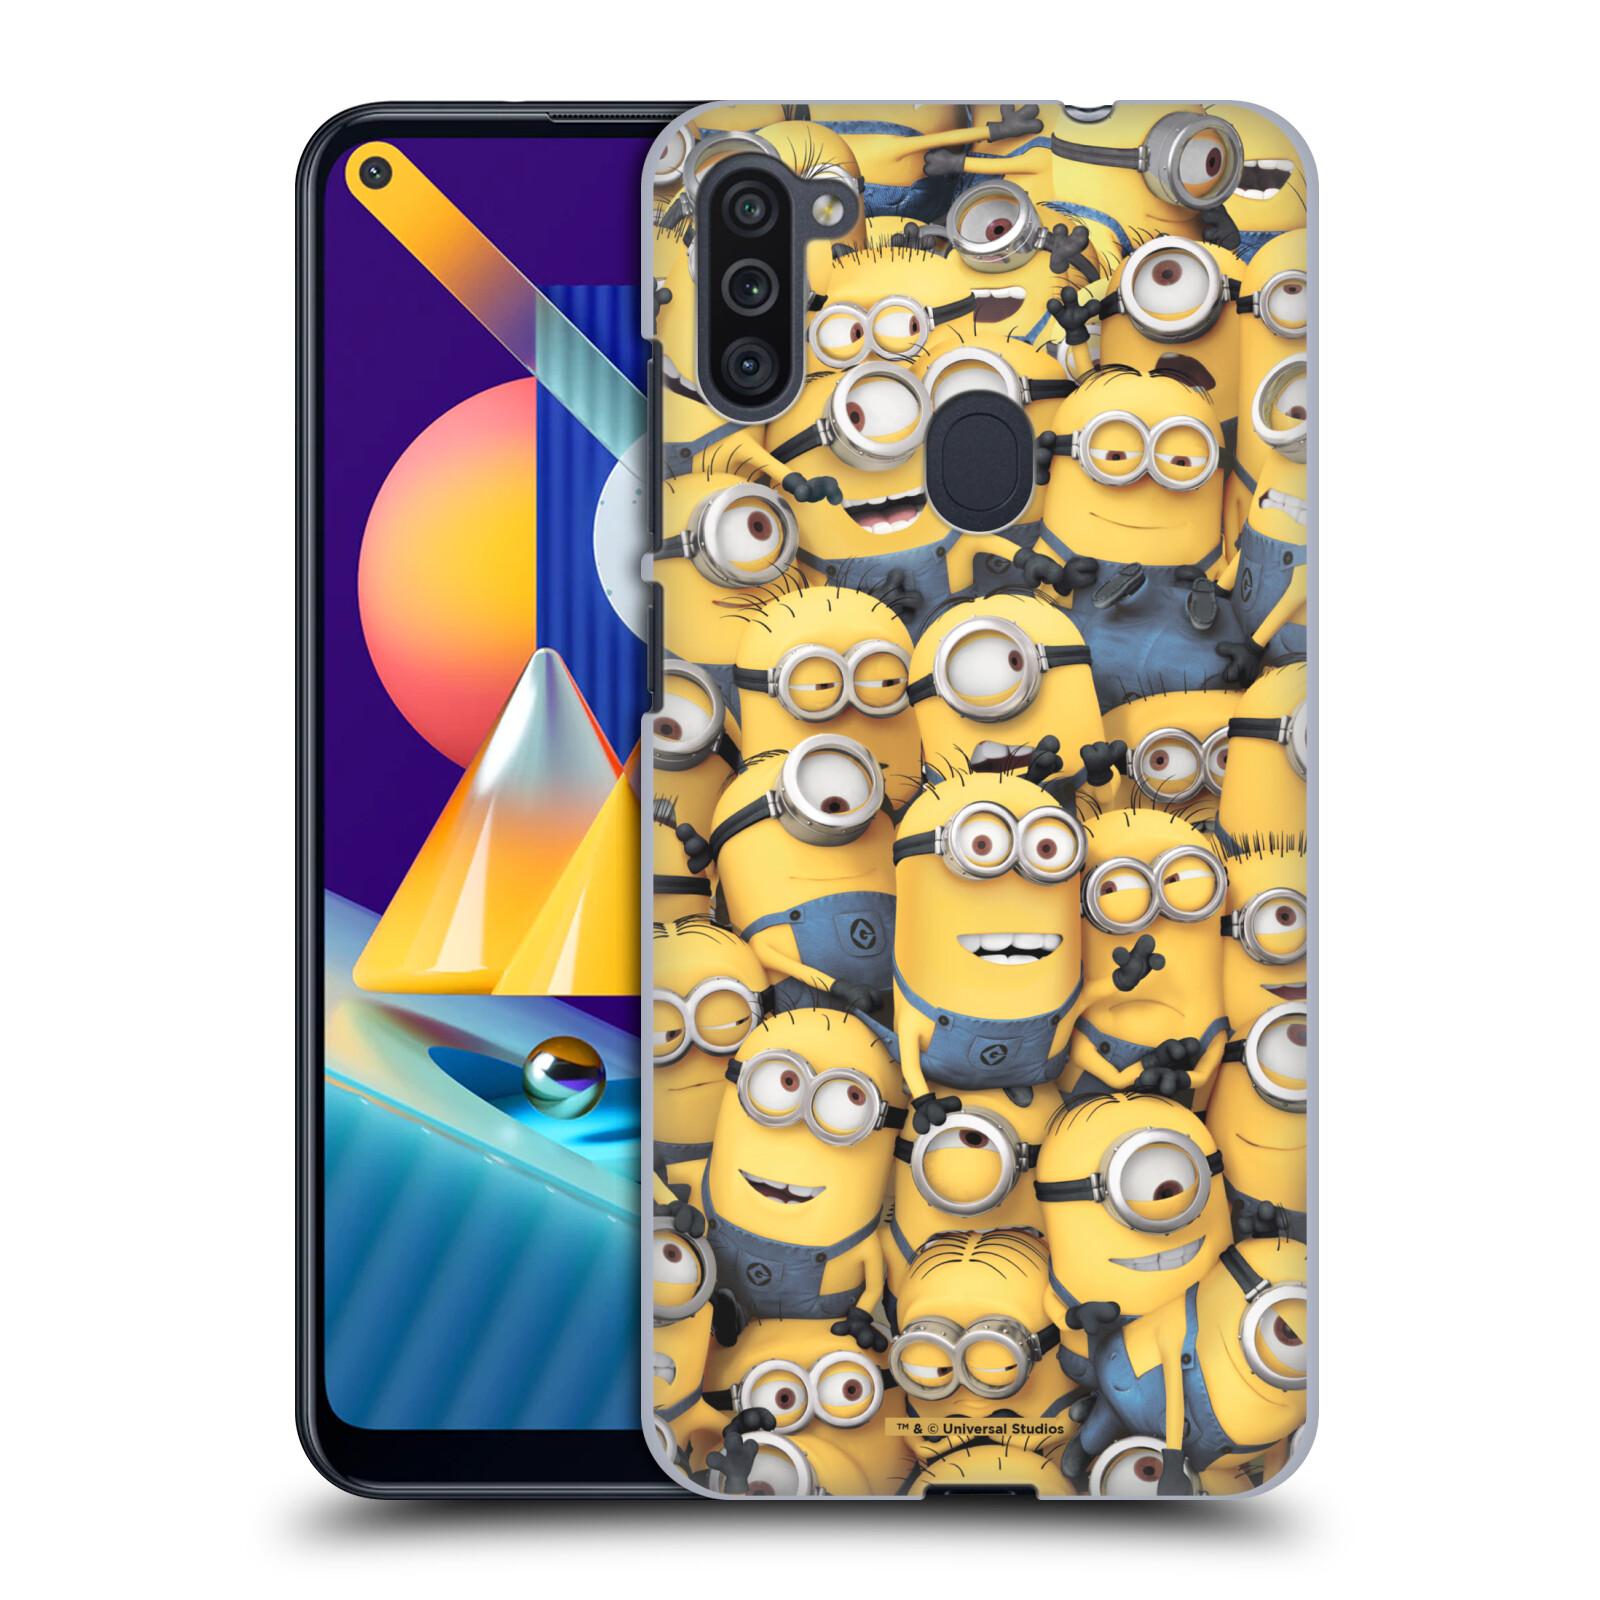 Plastové pouzdro na mobil Samsung Galaxy M11 - Head Case - Mimoni všude z filmu Já, padouch - Despicable Me